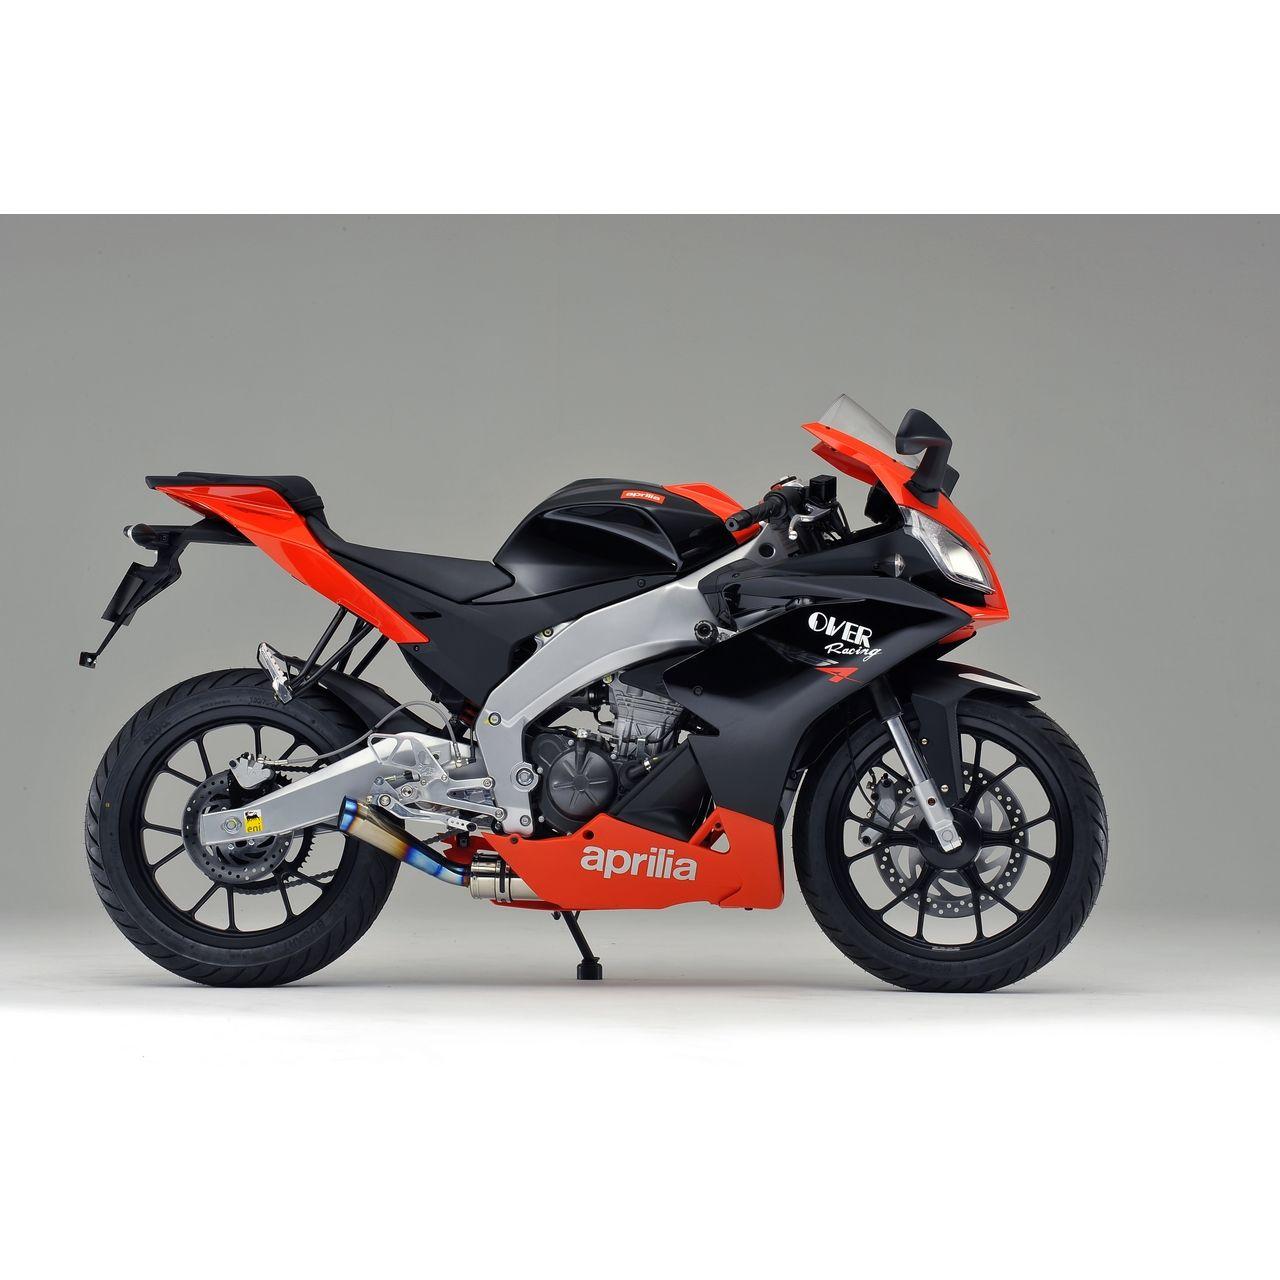 【OVER】Racing 全段排氣管 鈦合金尾蓋 - 「Webike-摩托百貨」